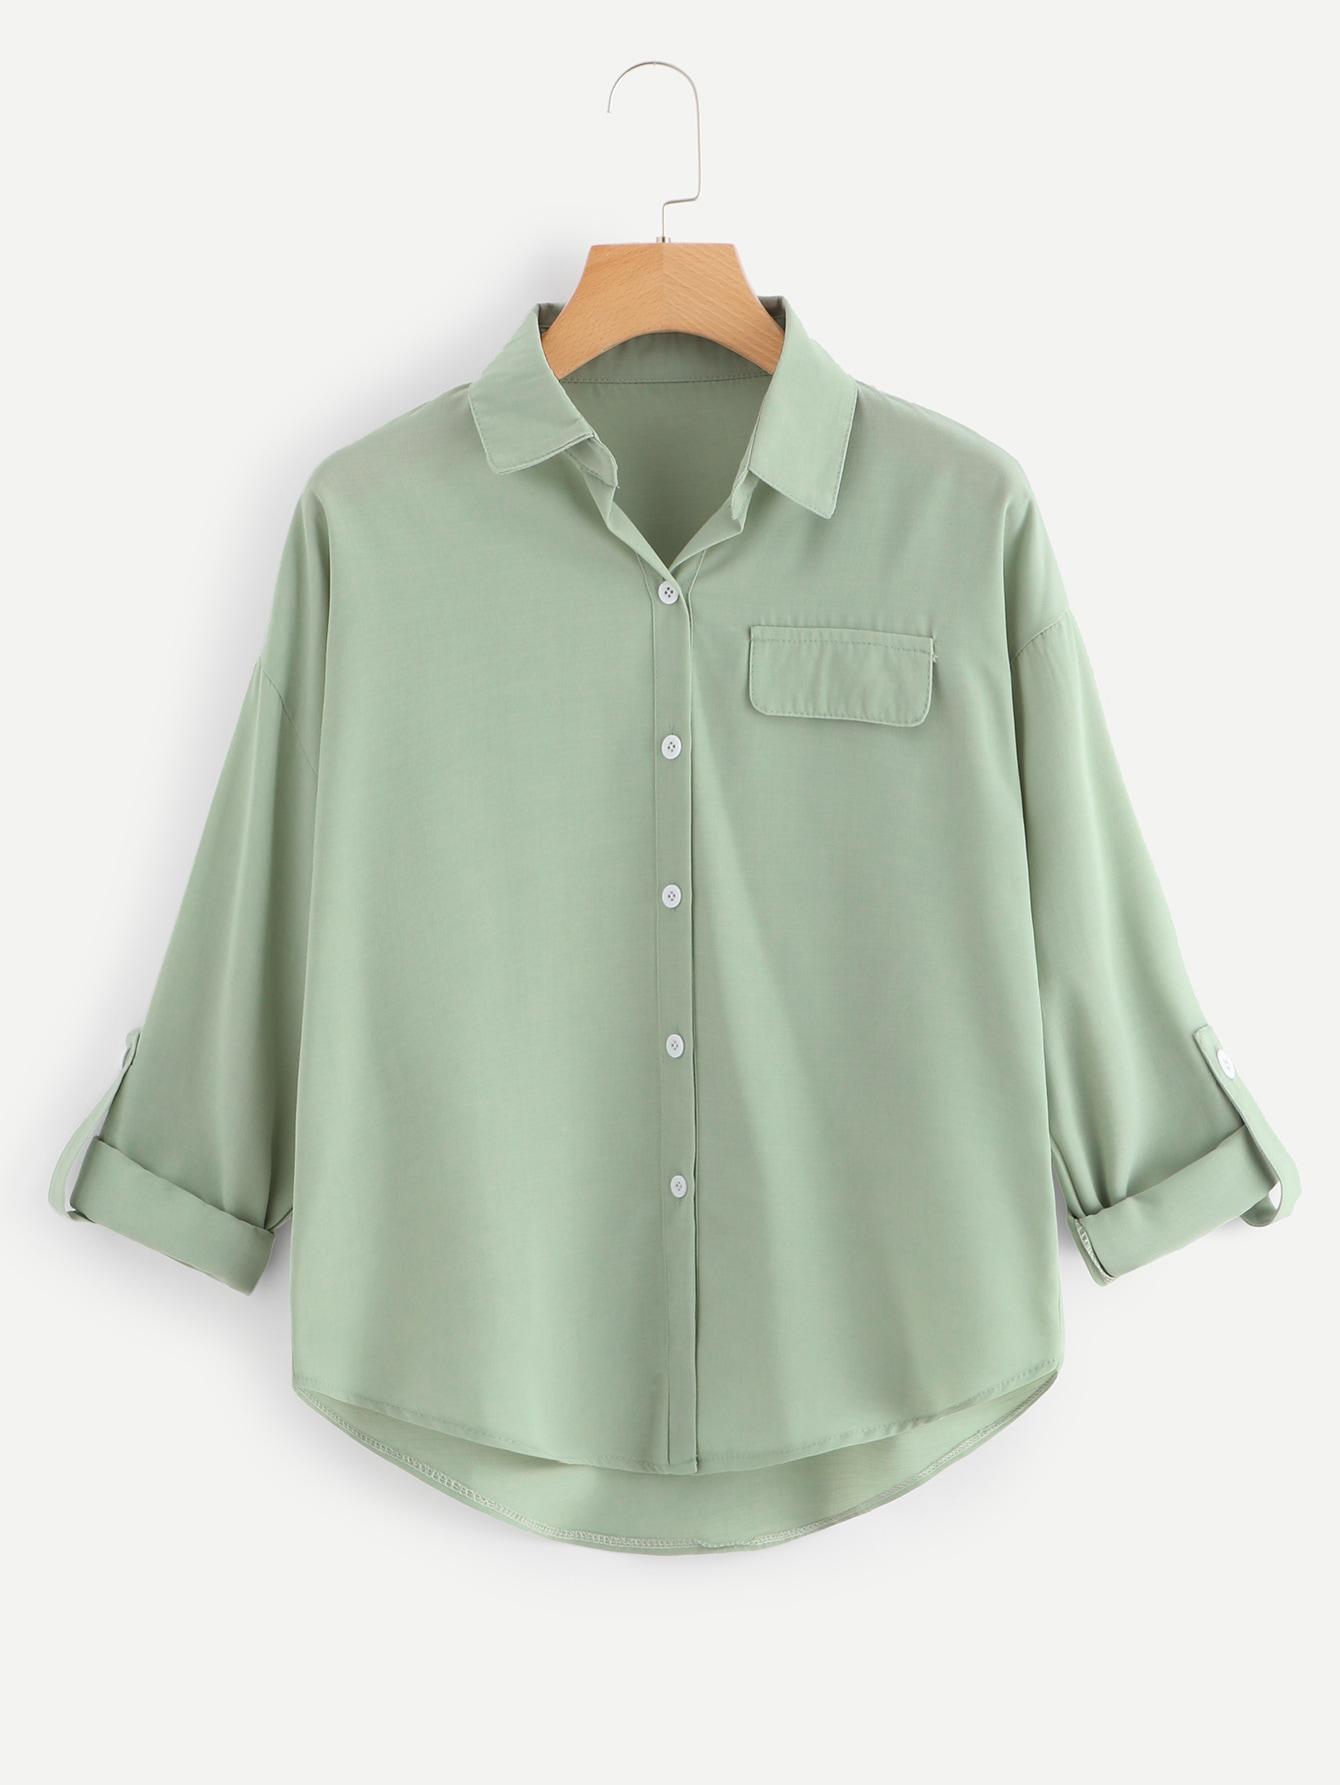 Купить Зеленый Пуговица Одноцветный Повседневный Блузы+рубашки, null, SheIn